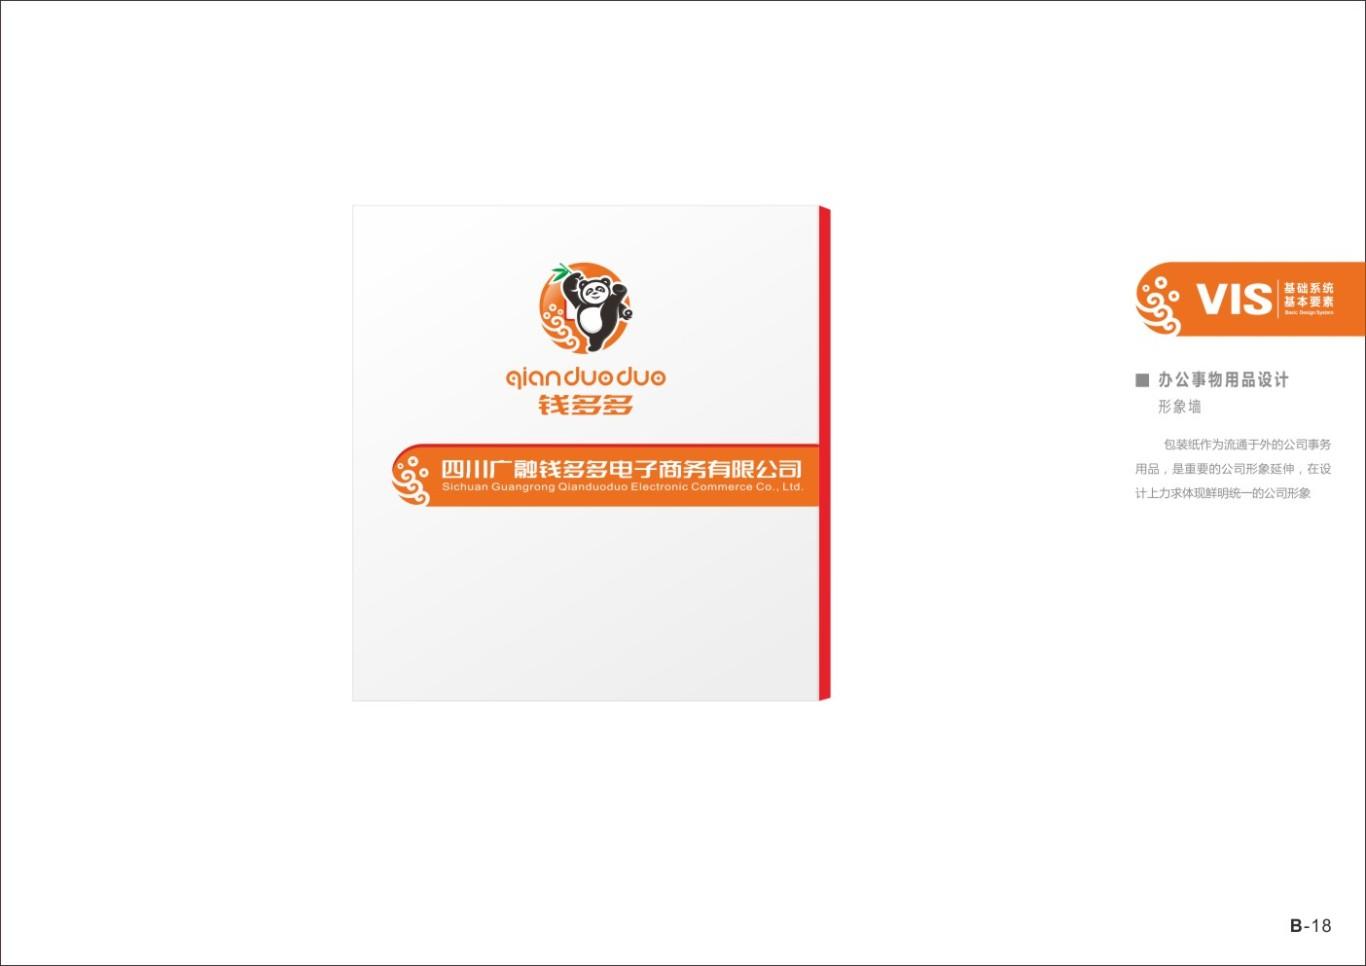 四川广融钱多多品牌及VI形象设计图34